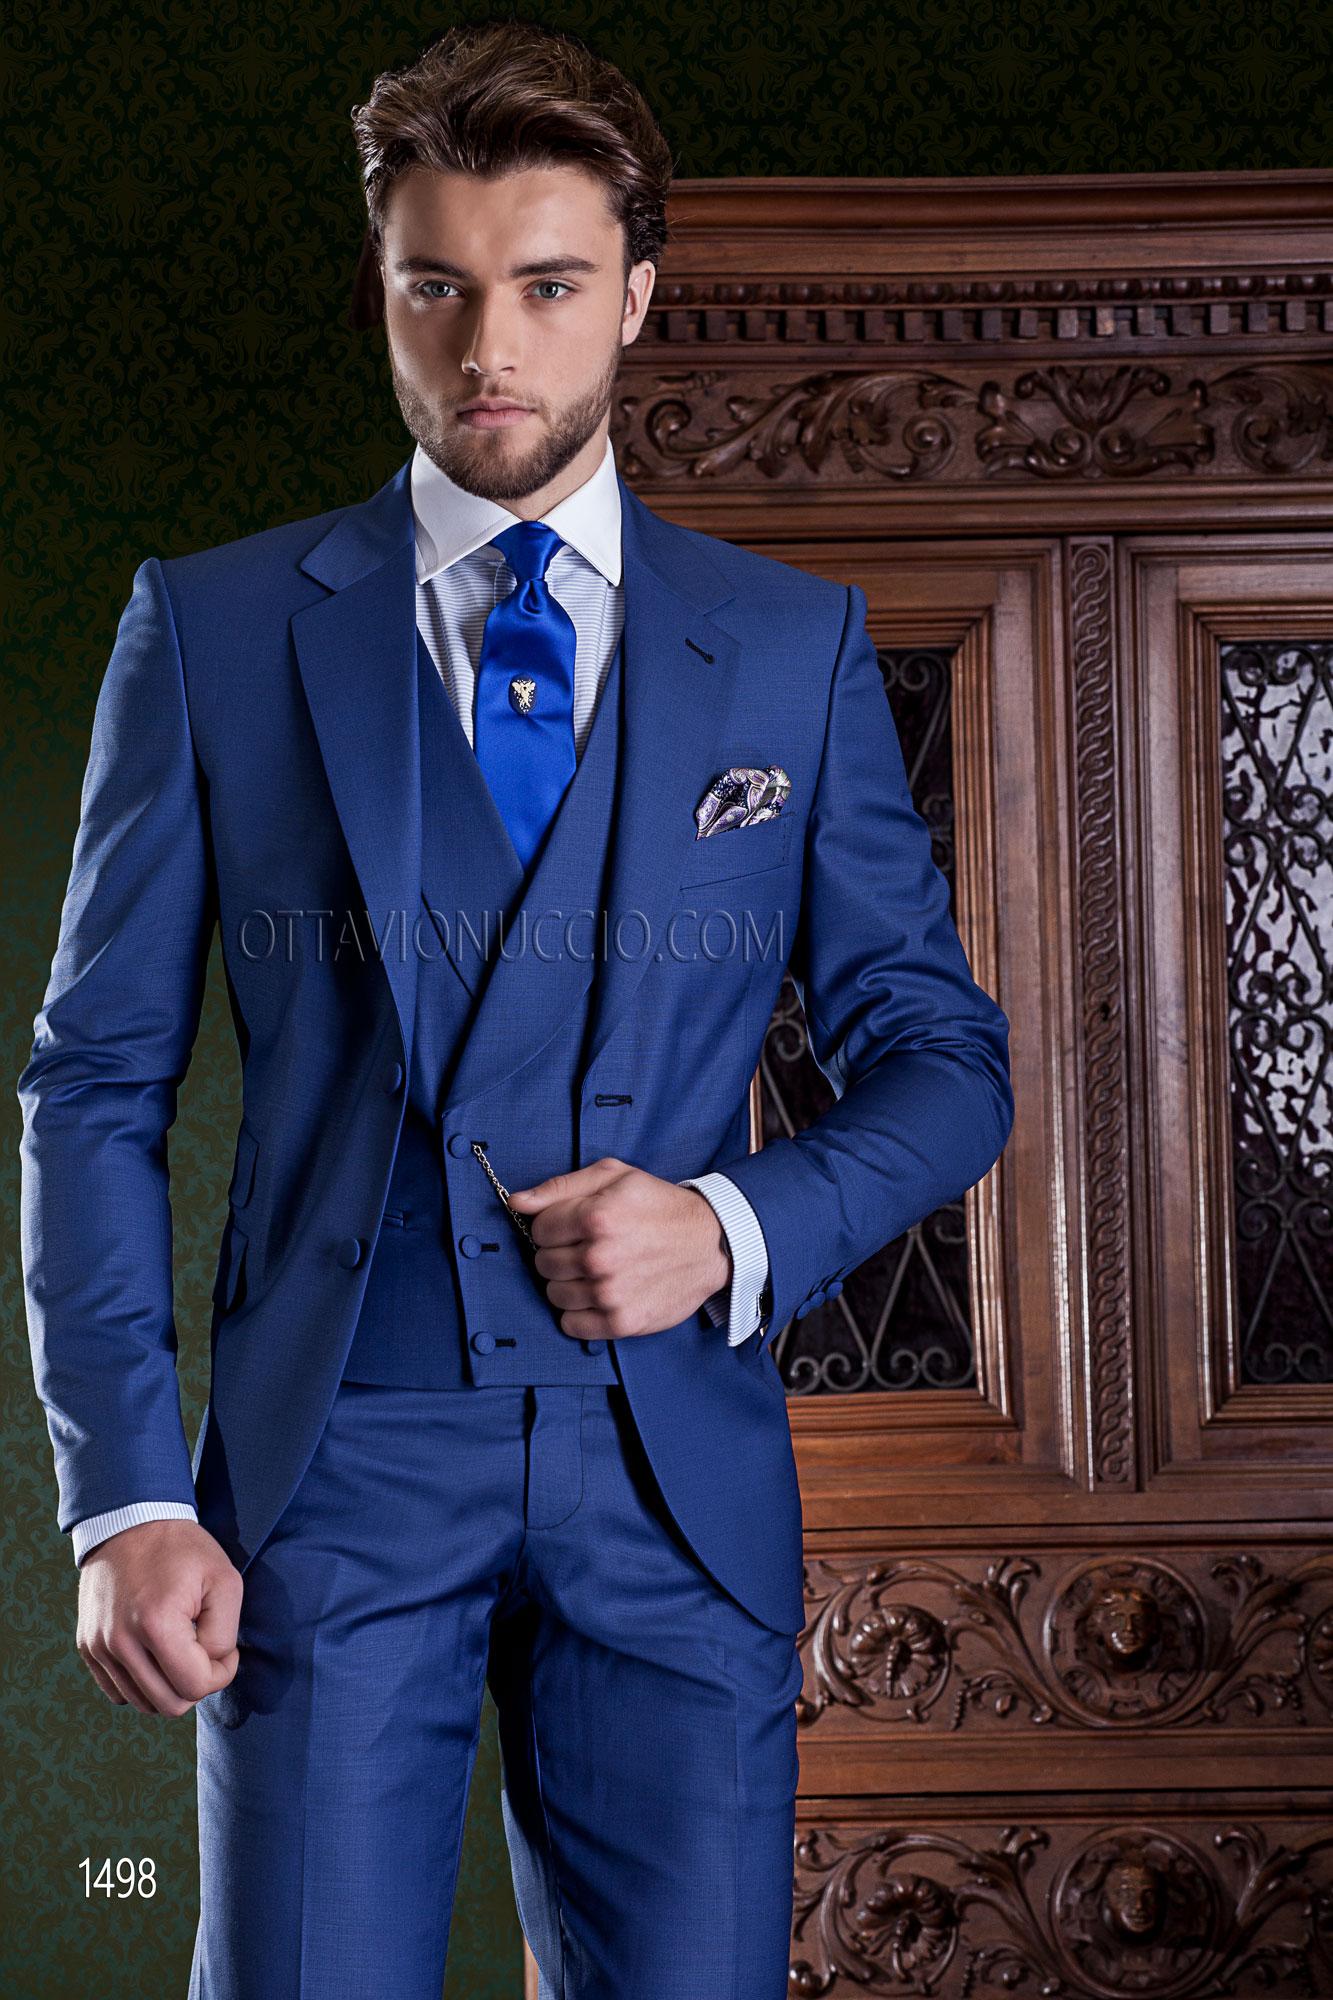 Vestito Matrimonio Uomo Blu Elettrico : Abito da cerimonia uomo blu elettrico e gilet doppiopetto